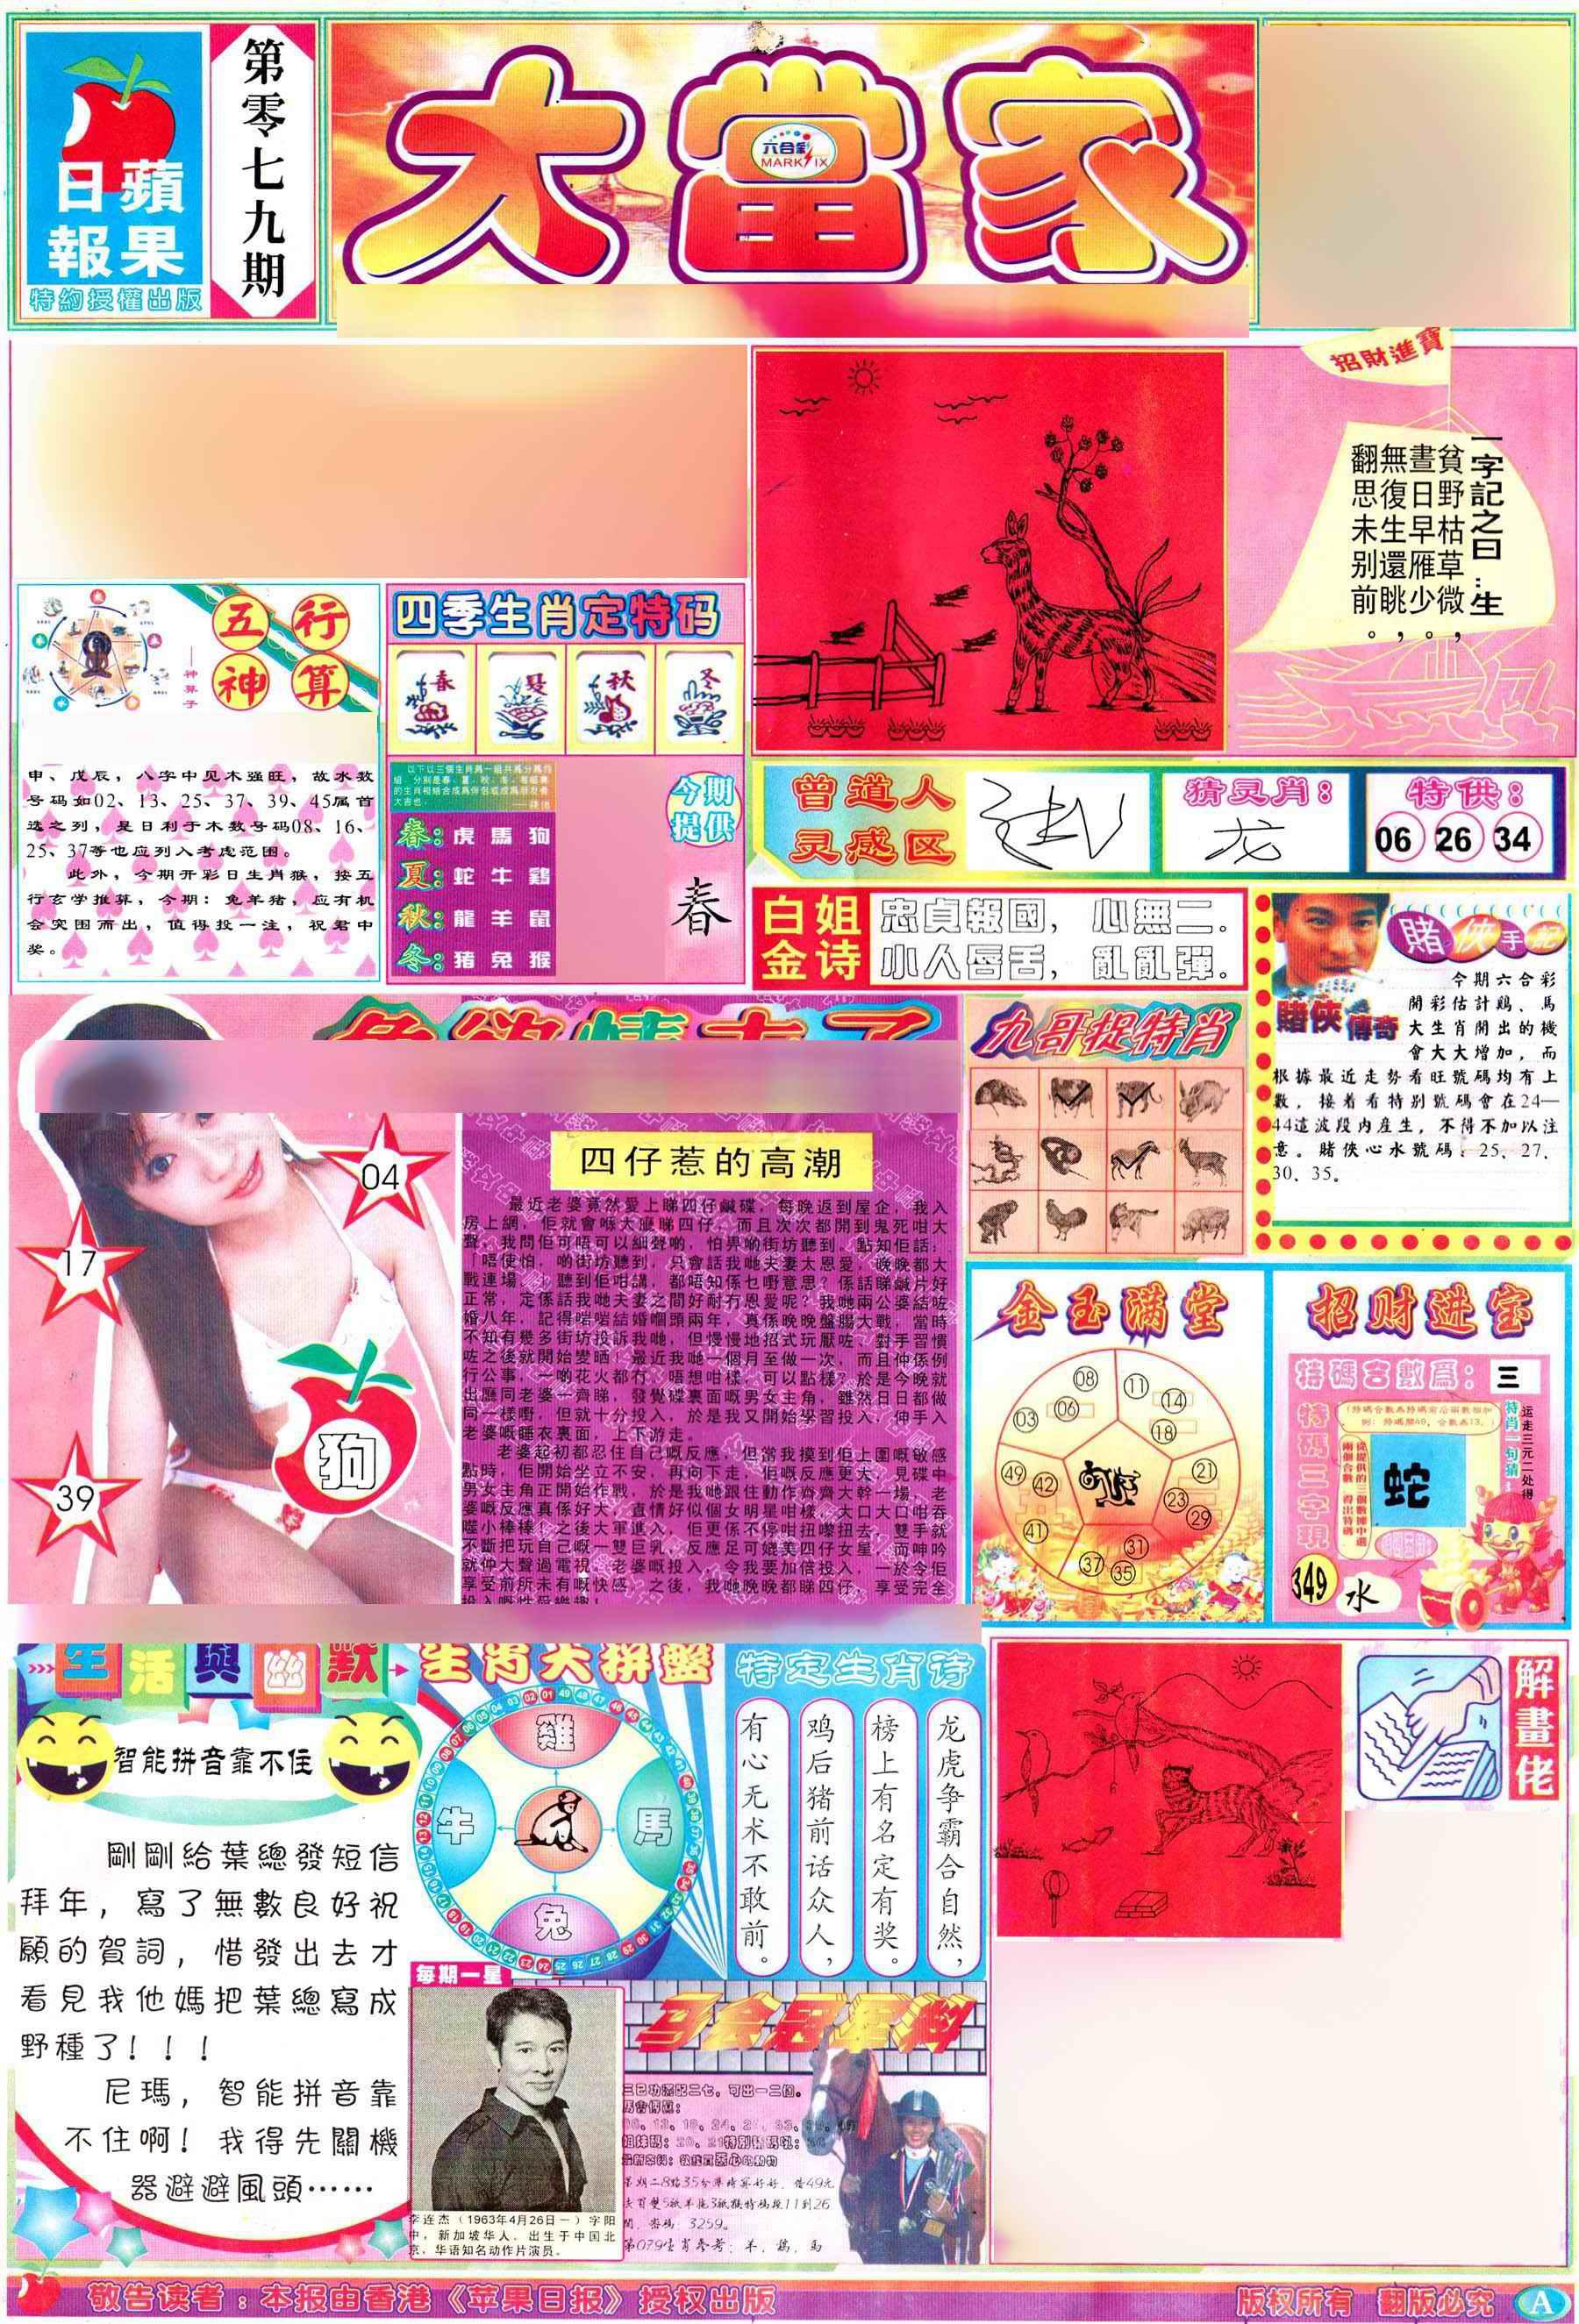 079期彩卷后庄A(保证香港版)